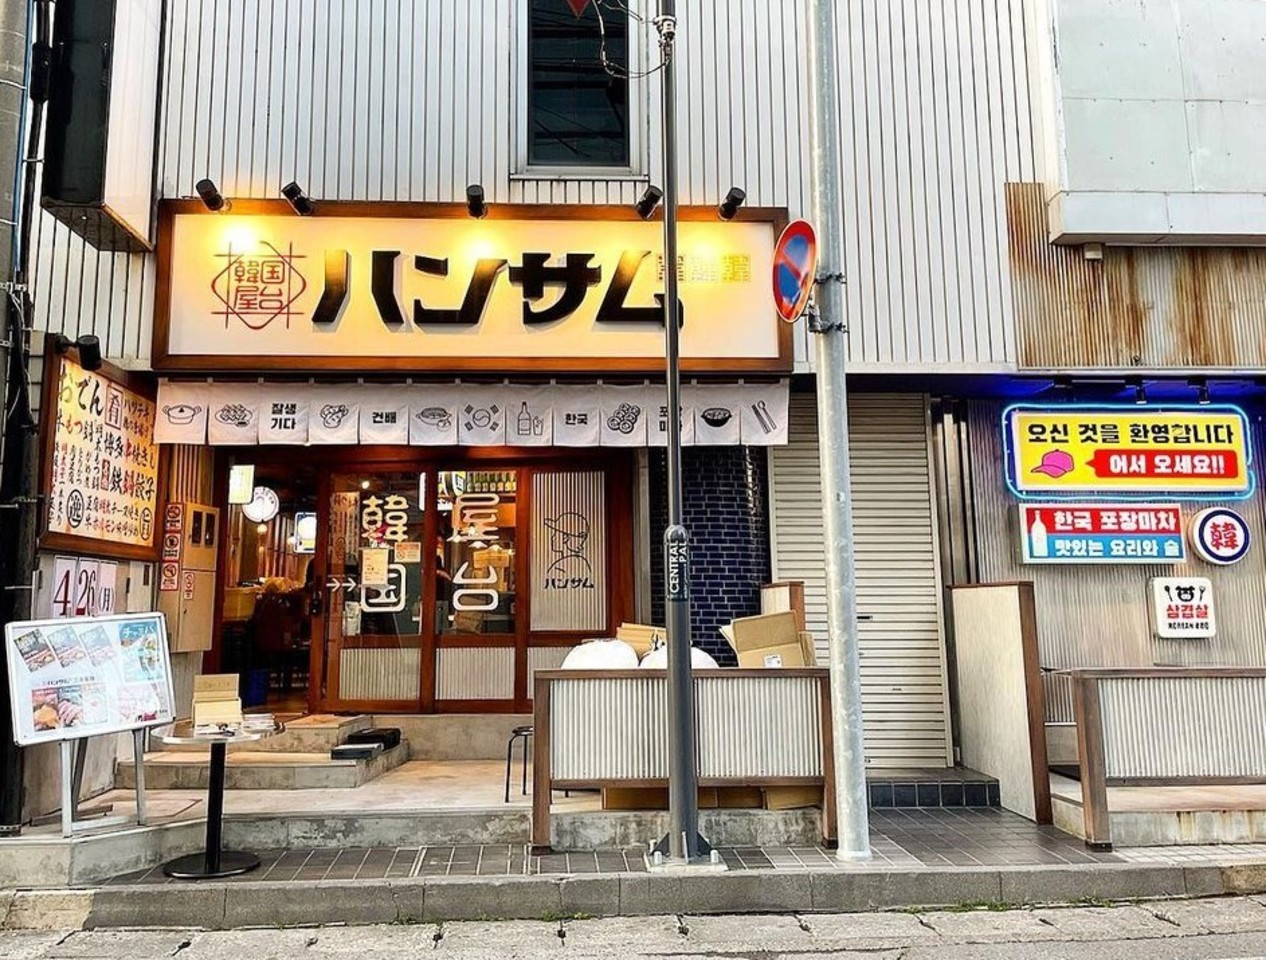 千葉県柏市柏1丁目に「韓国屋台ハンサム」が明日オープンのようです。